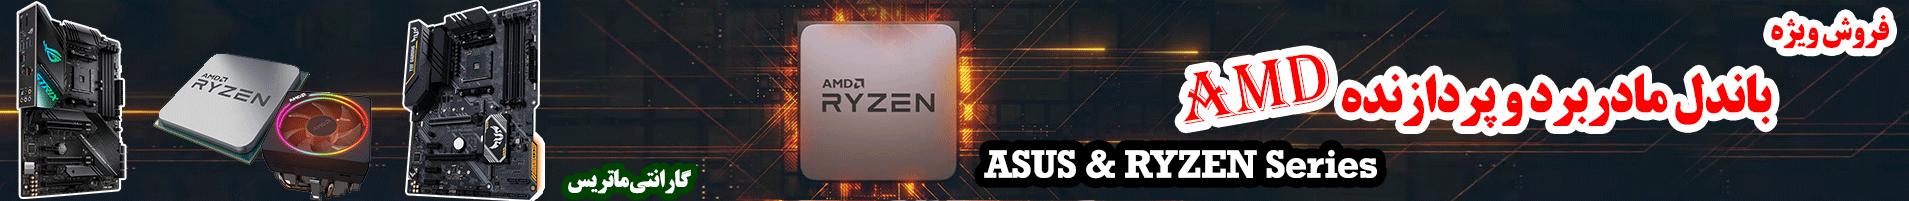 باندل مادربرد ایسوس و پردازنده های AMD RYZEN